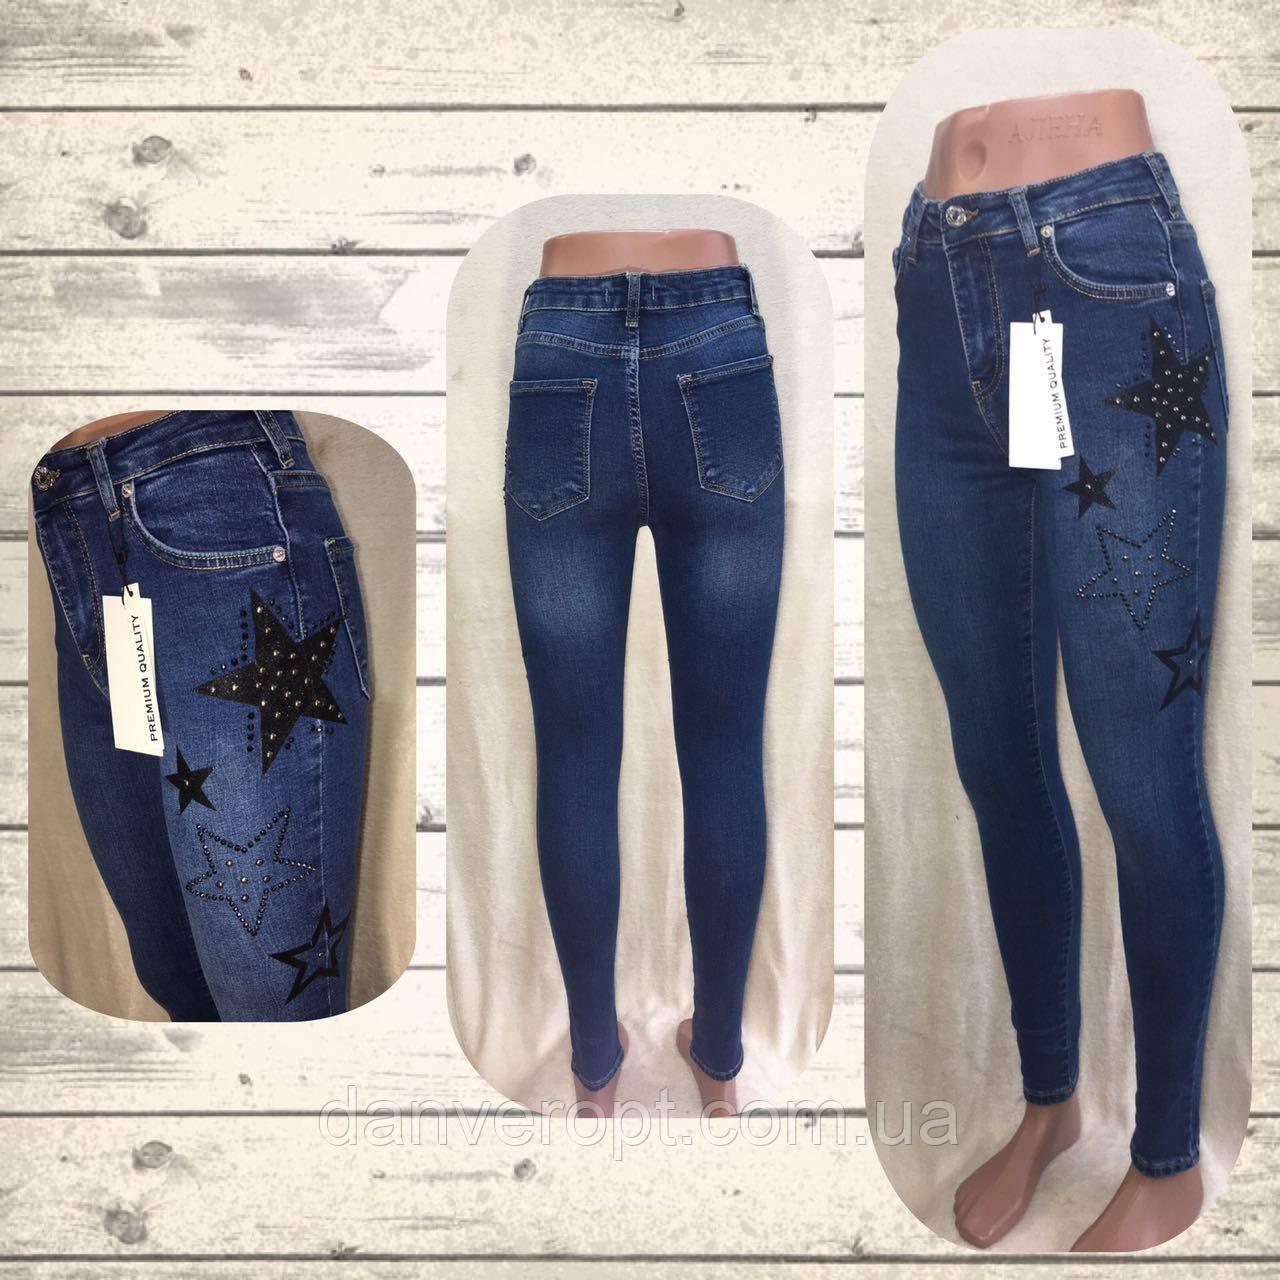 8f87438b1de Джинсы Американки женские стильные модные со стразами размер 26-31 ...